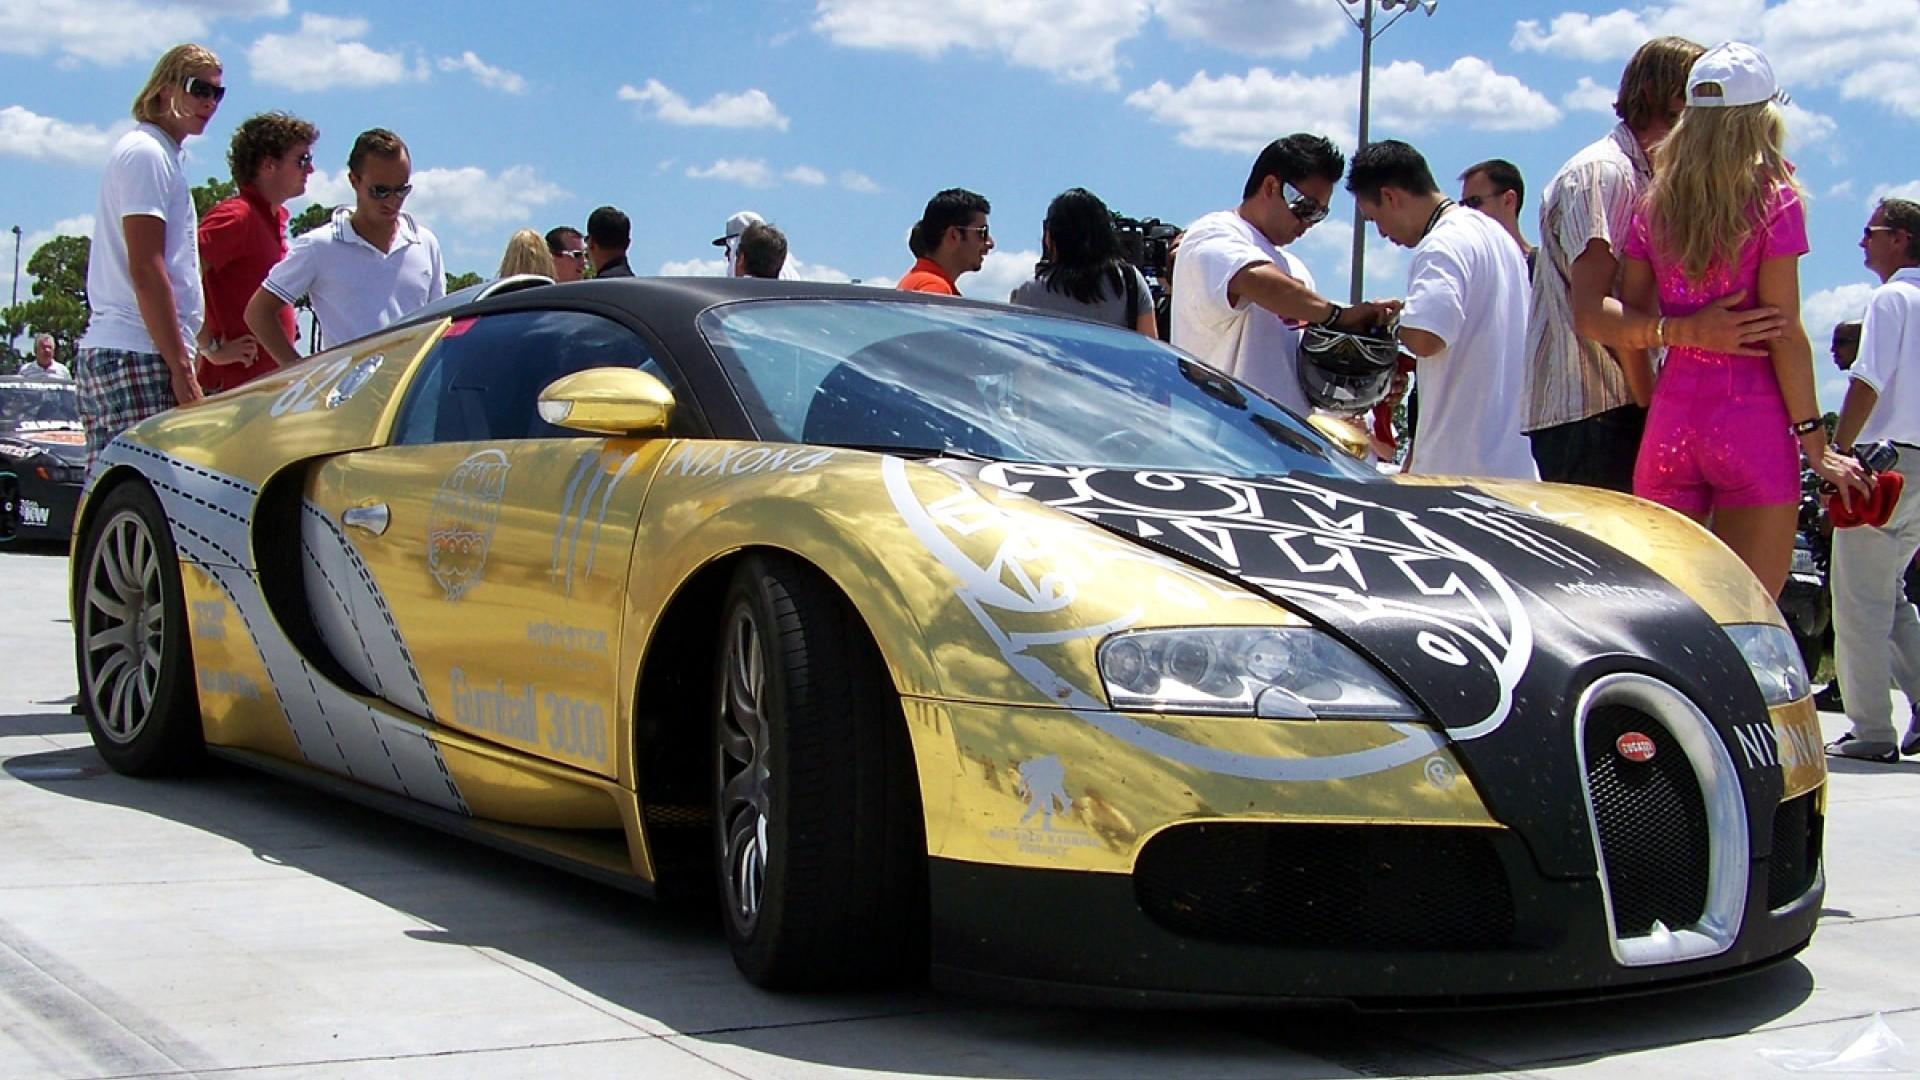 Cool Gold Cars Wallpapers – WallpaperSafari